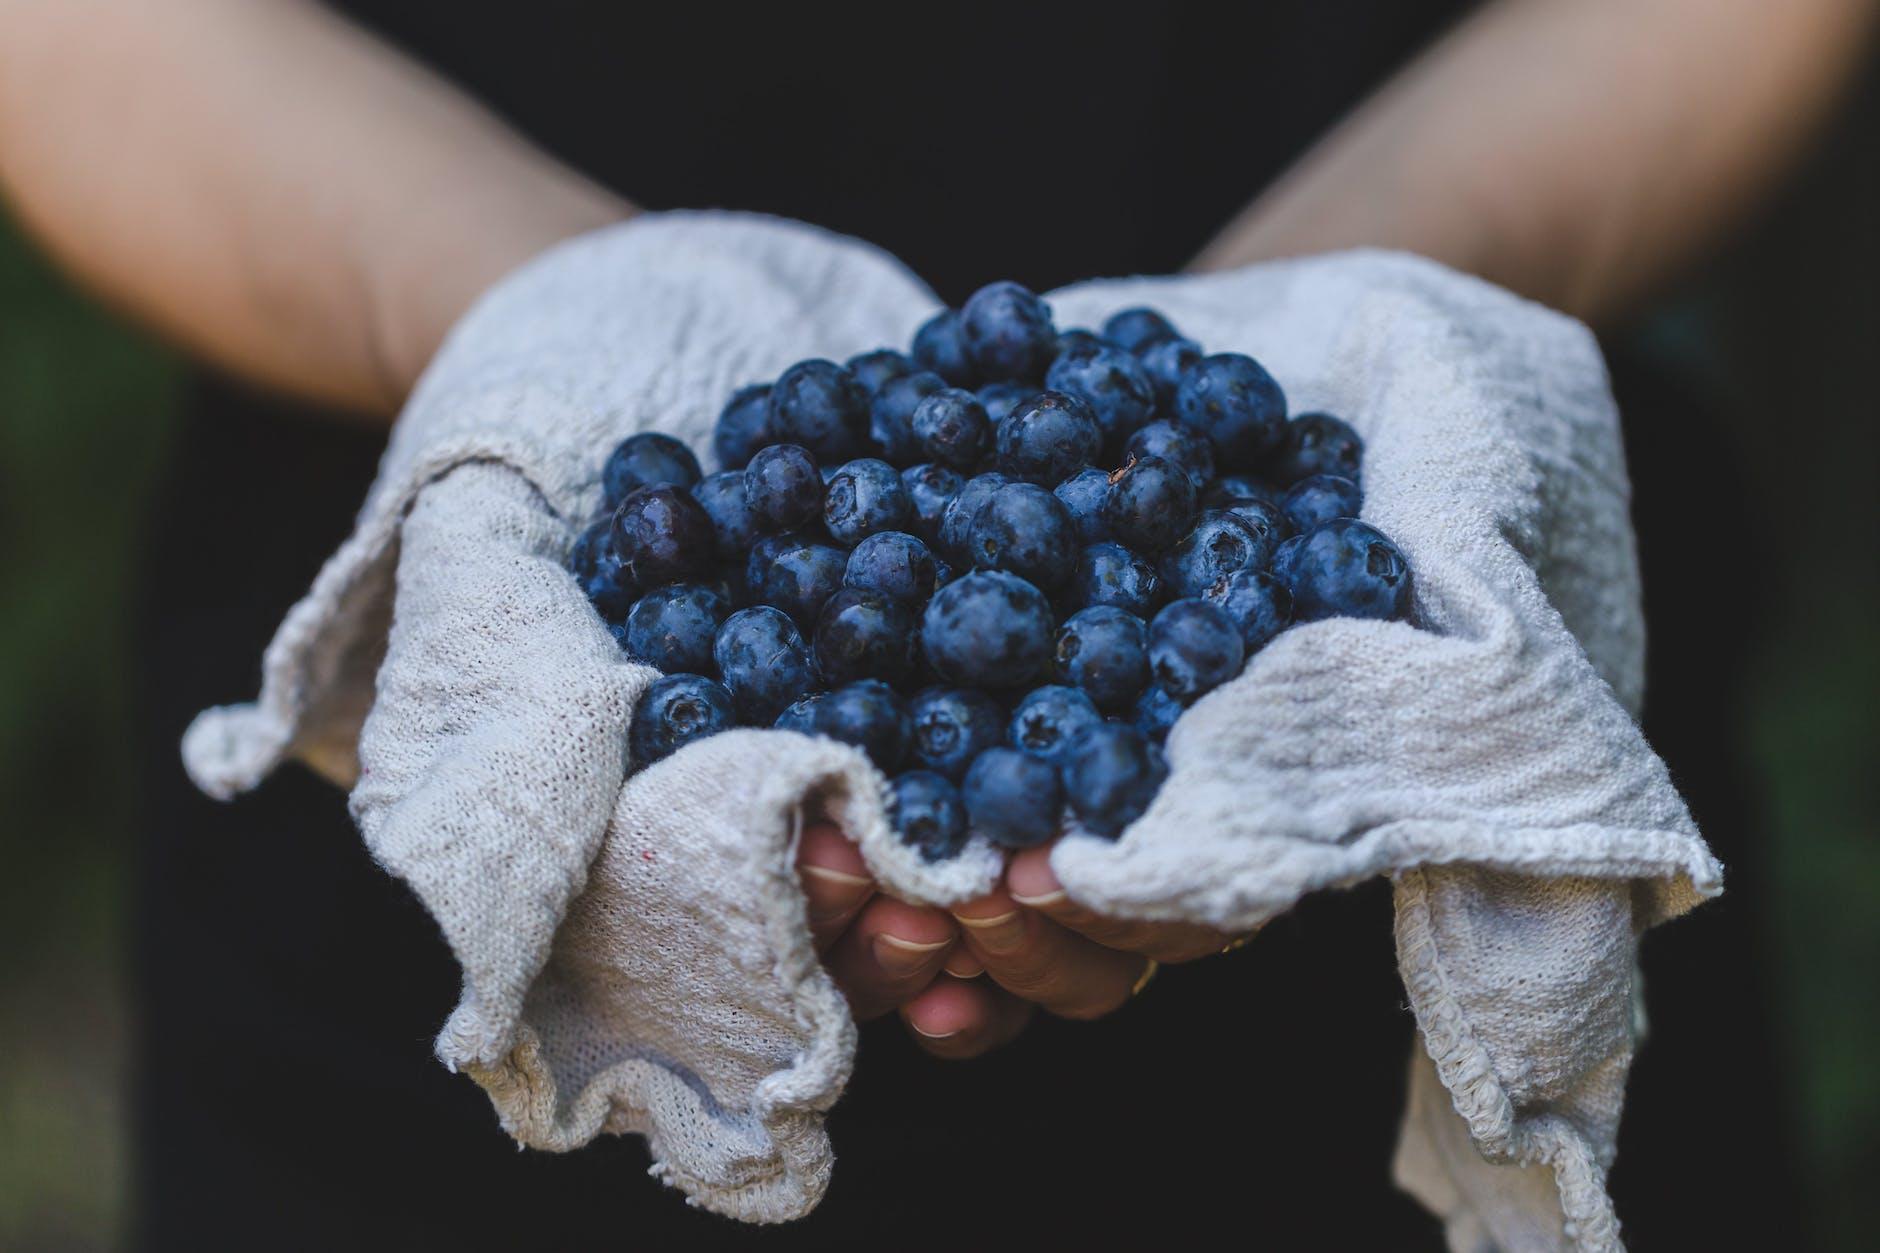 ผลไม้และธัญพืชอะไรบ้างนะ? ที่ช่วยป้องกันหัวใจวายและหลอดเลือดอุดตันได้!